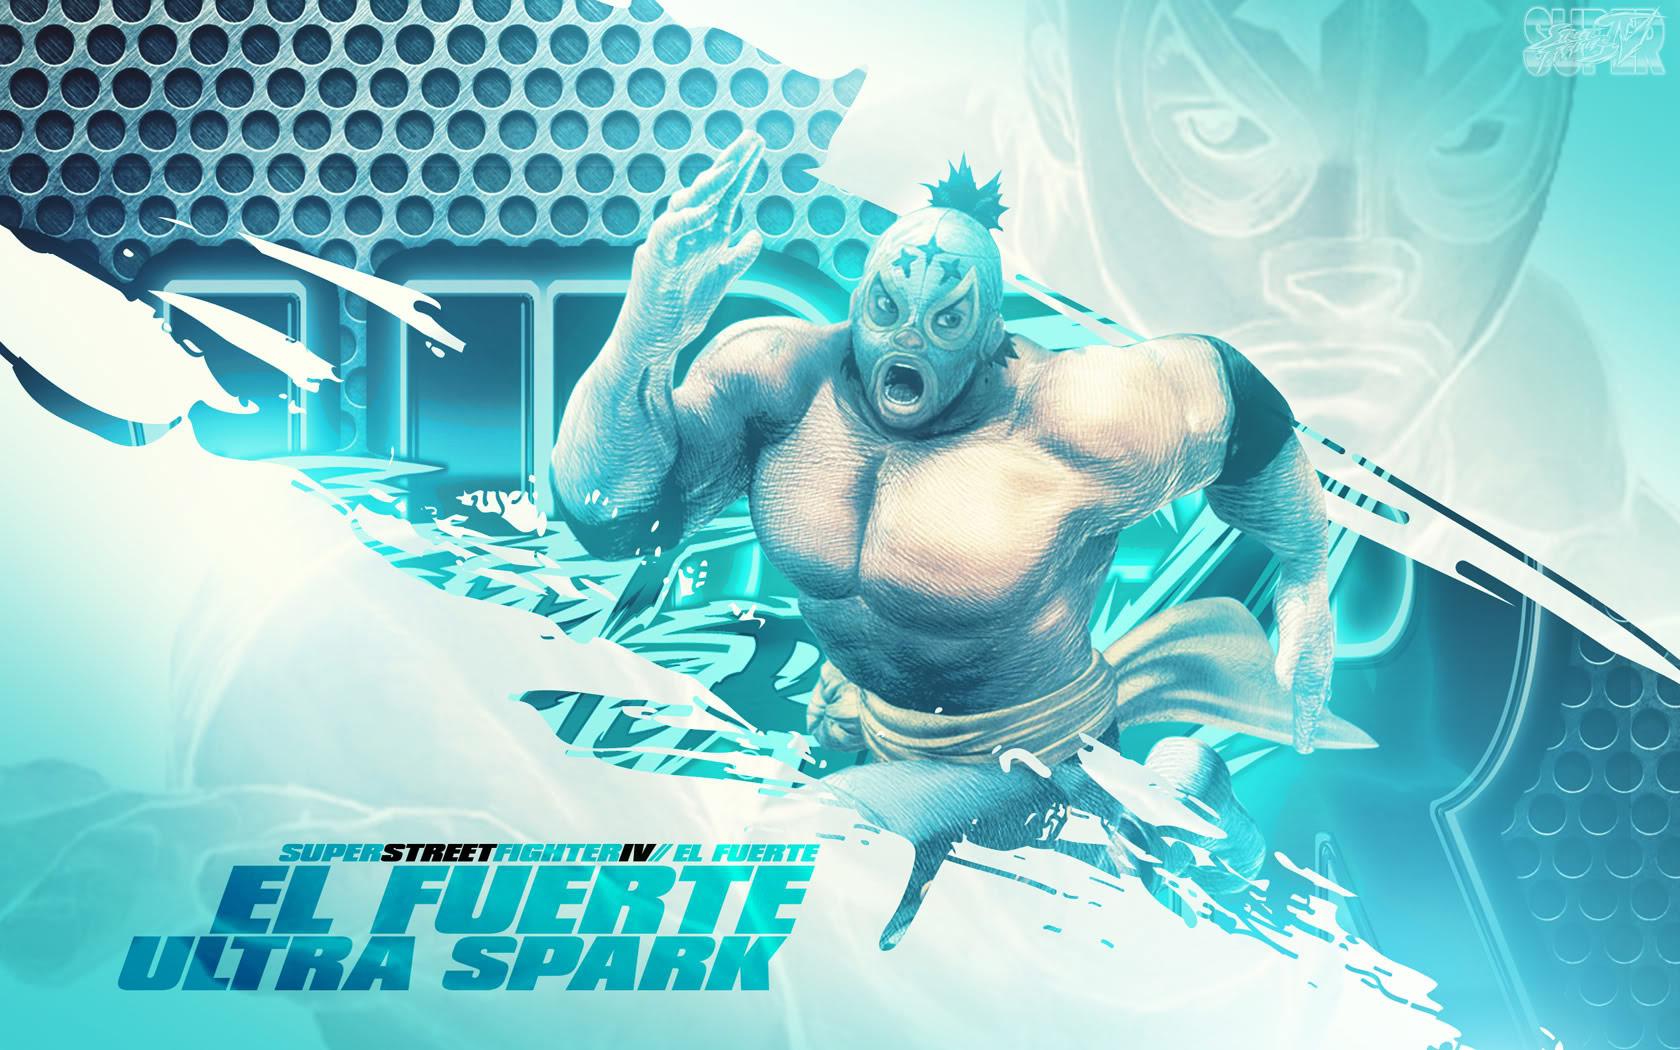 El Fuerte Super Street Fighter 4 wallpaper by BossLogic